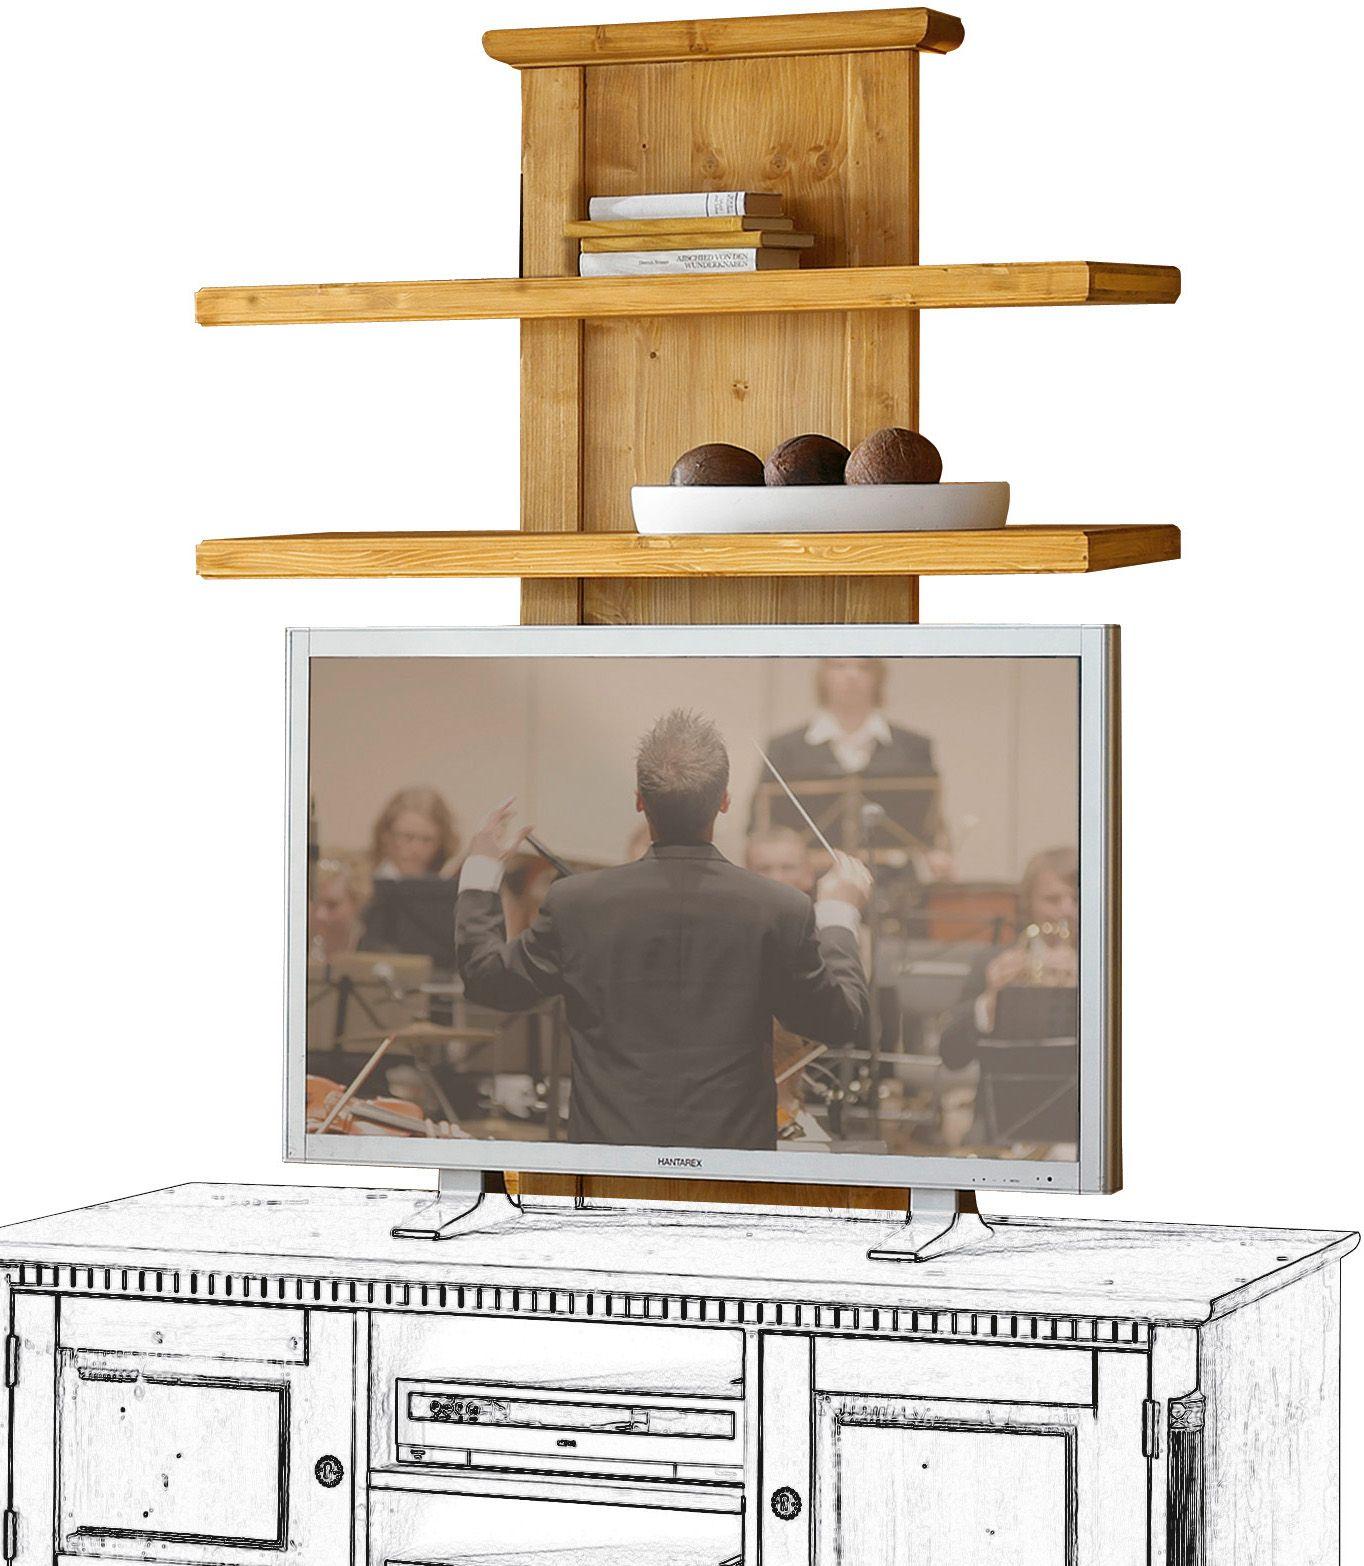 FAVORIT Favorit TV-Paneel »Cornwall«, Breite 110 cm